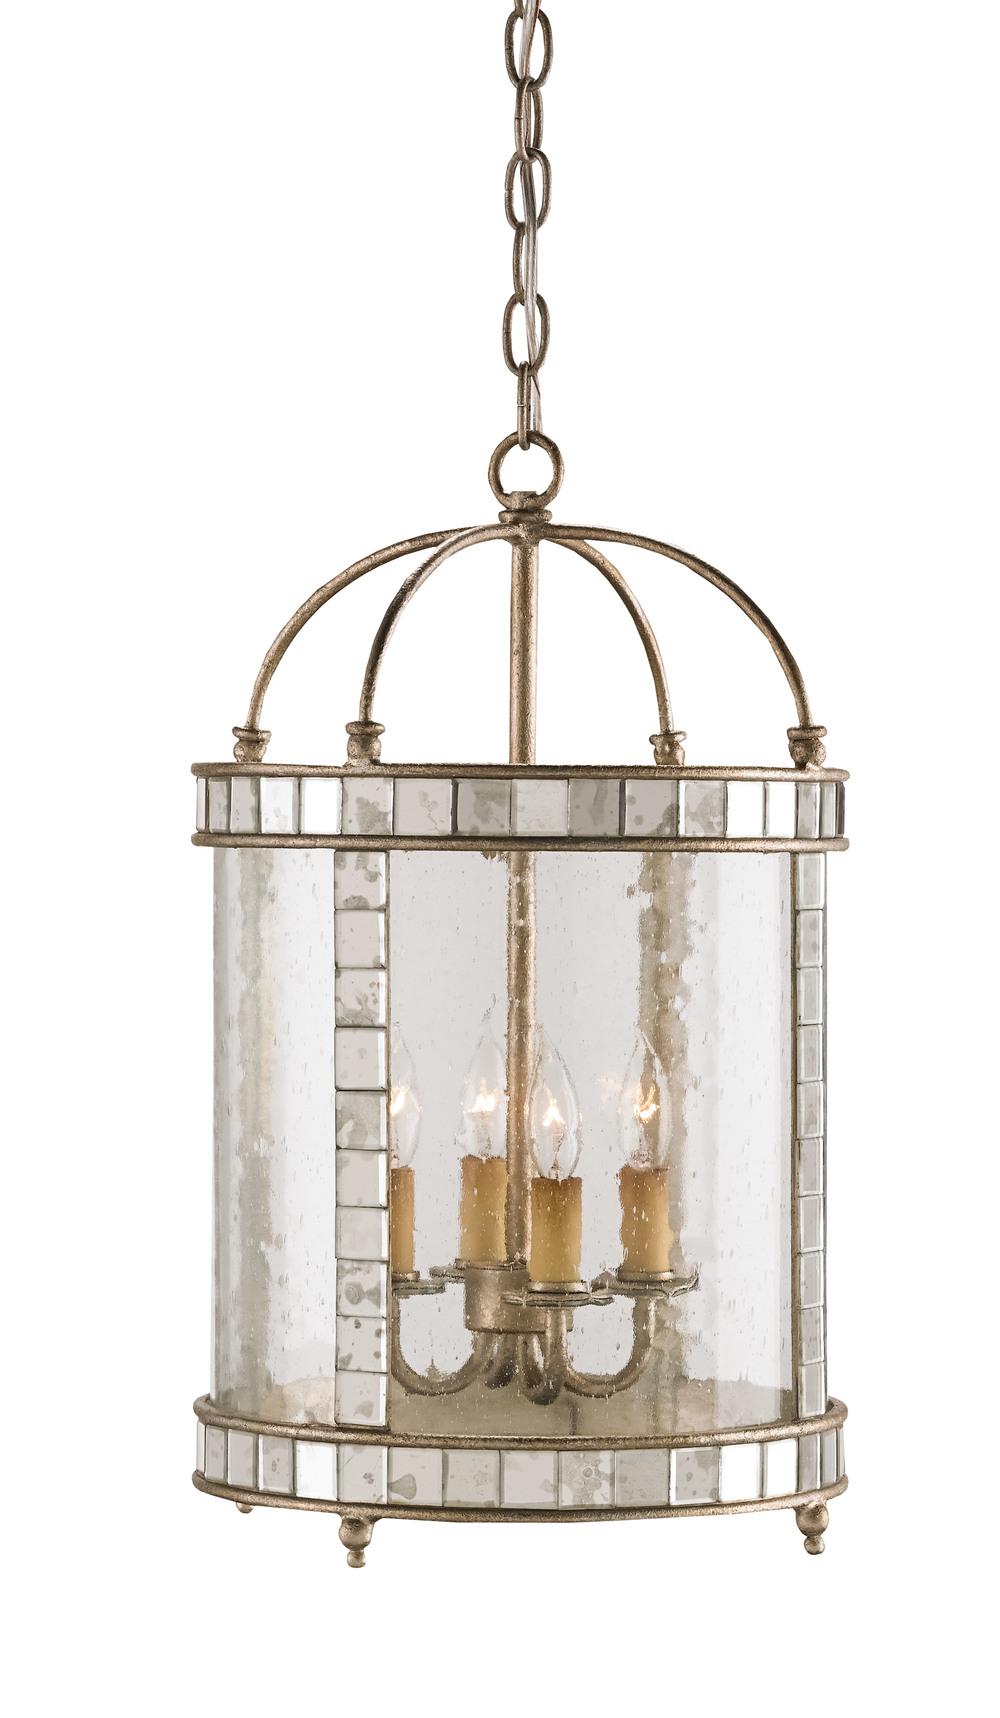 Currey & Company - Corsica Small Lantern